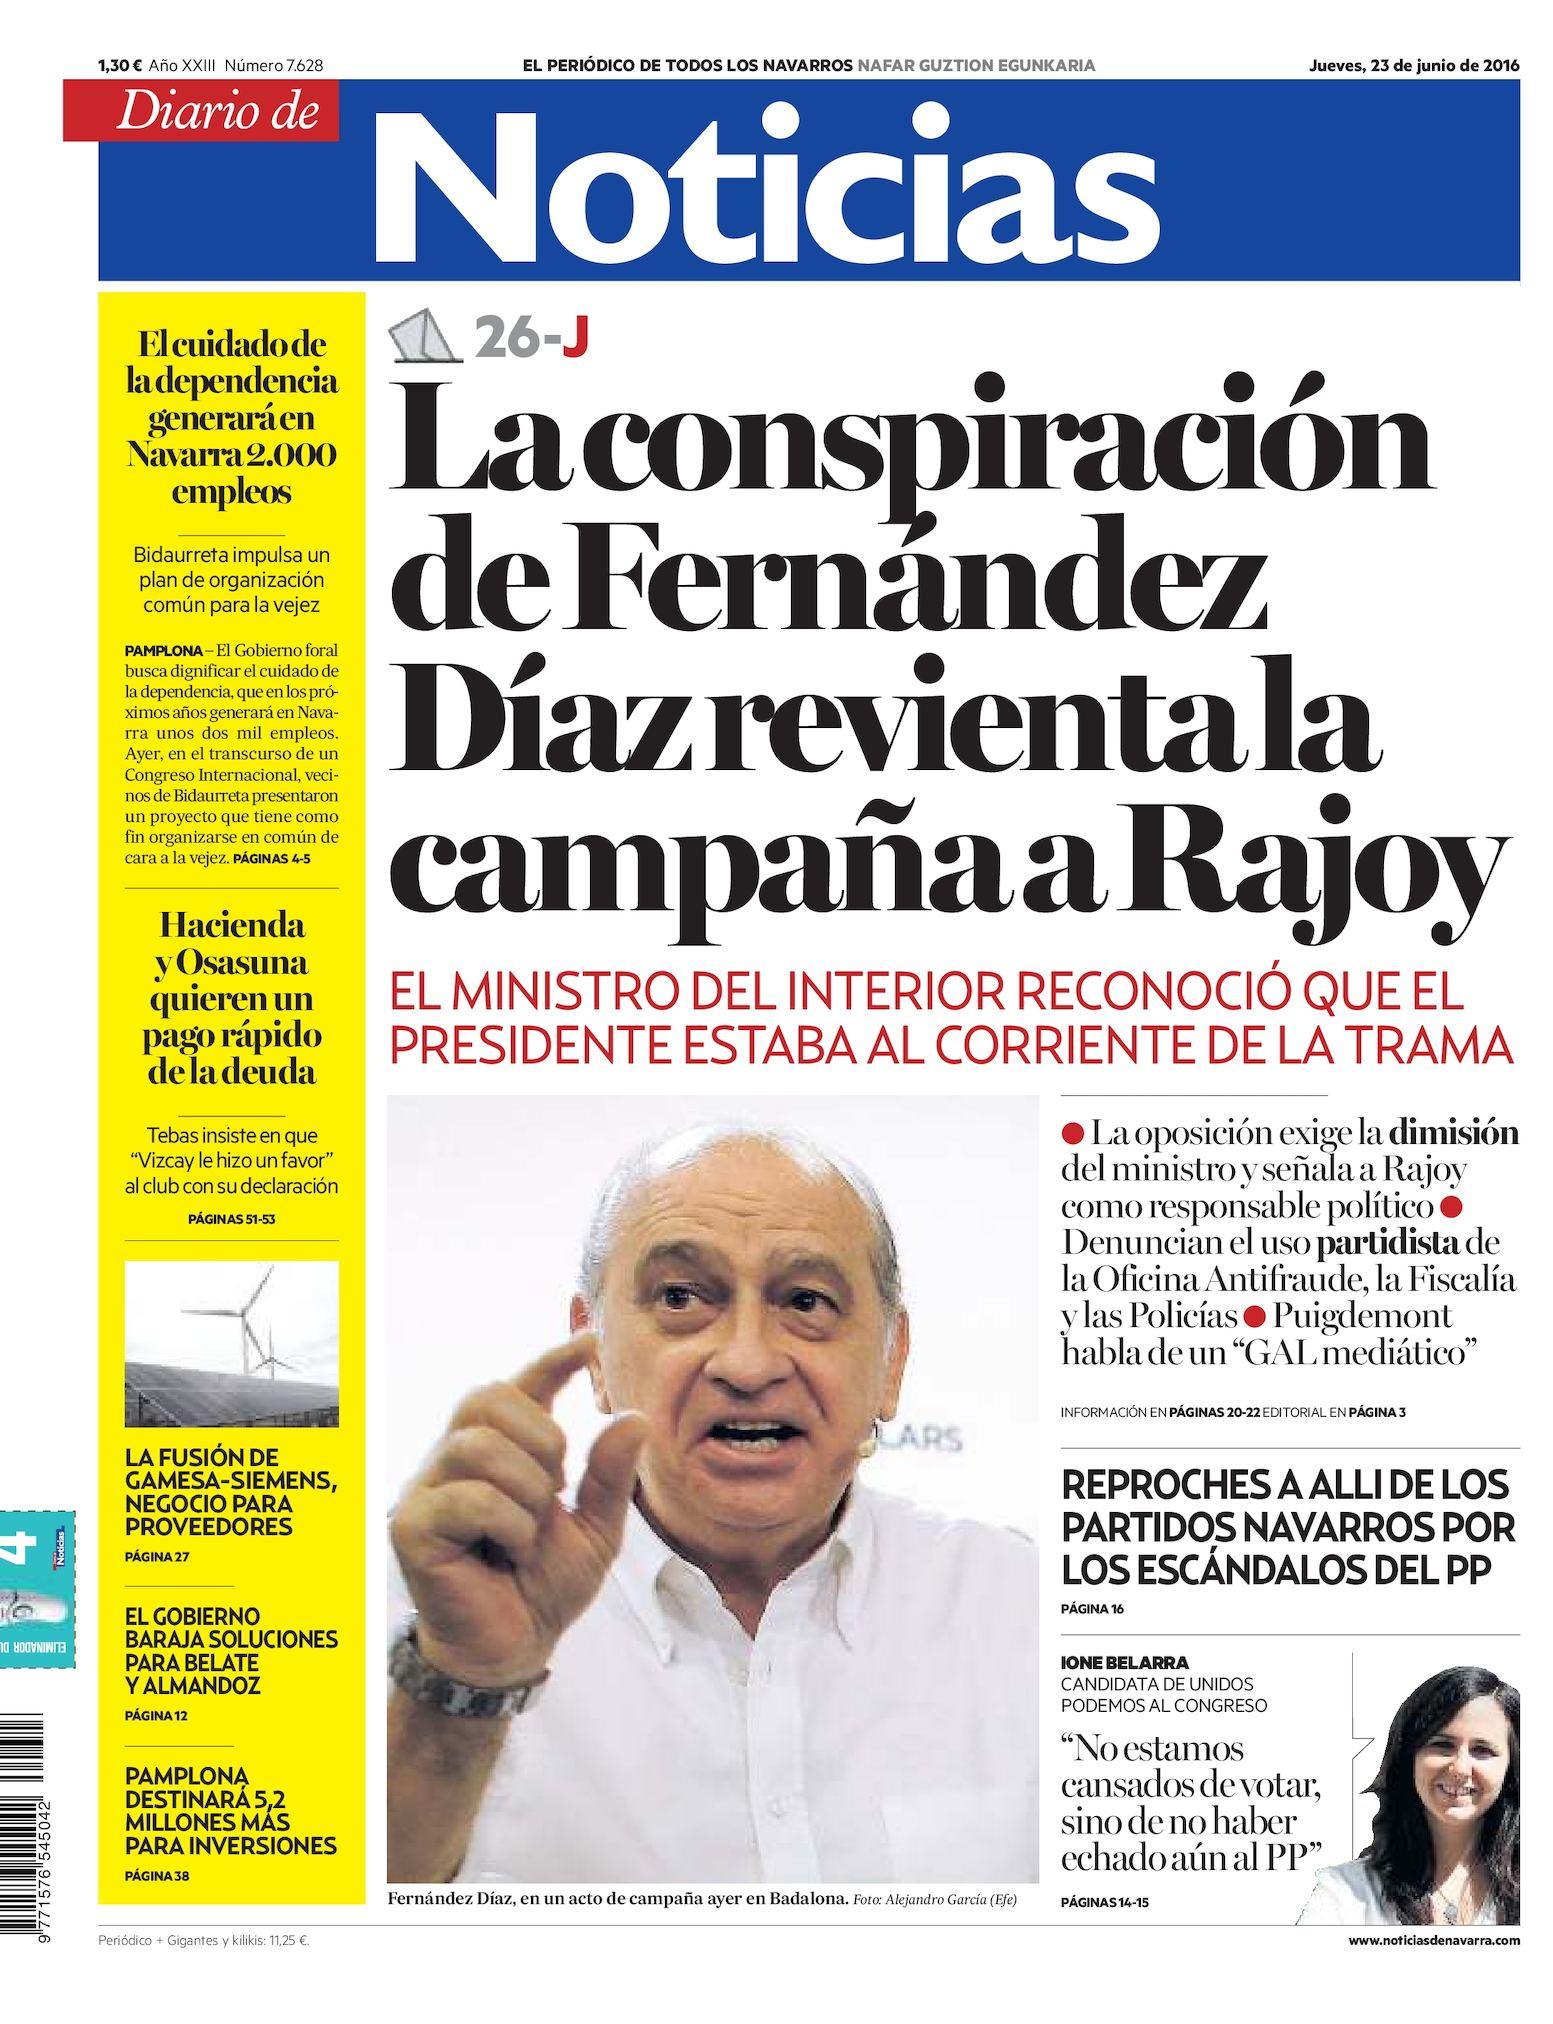 Calaméo - Diario de Noticias 20160623